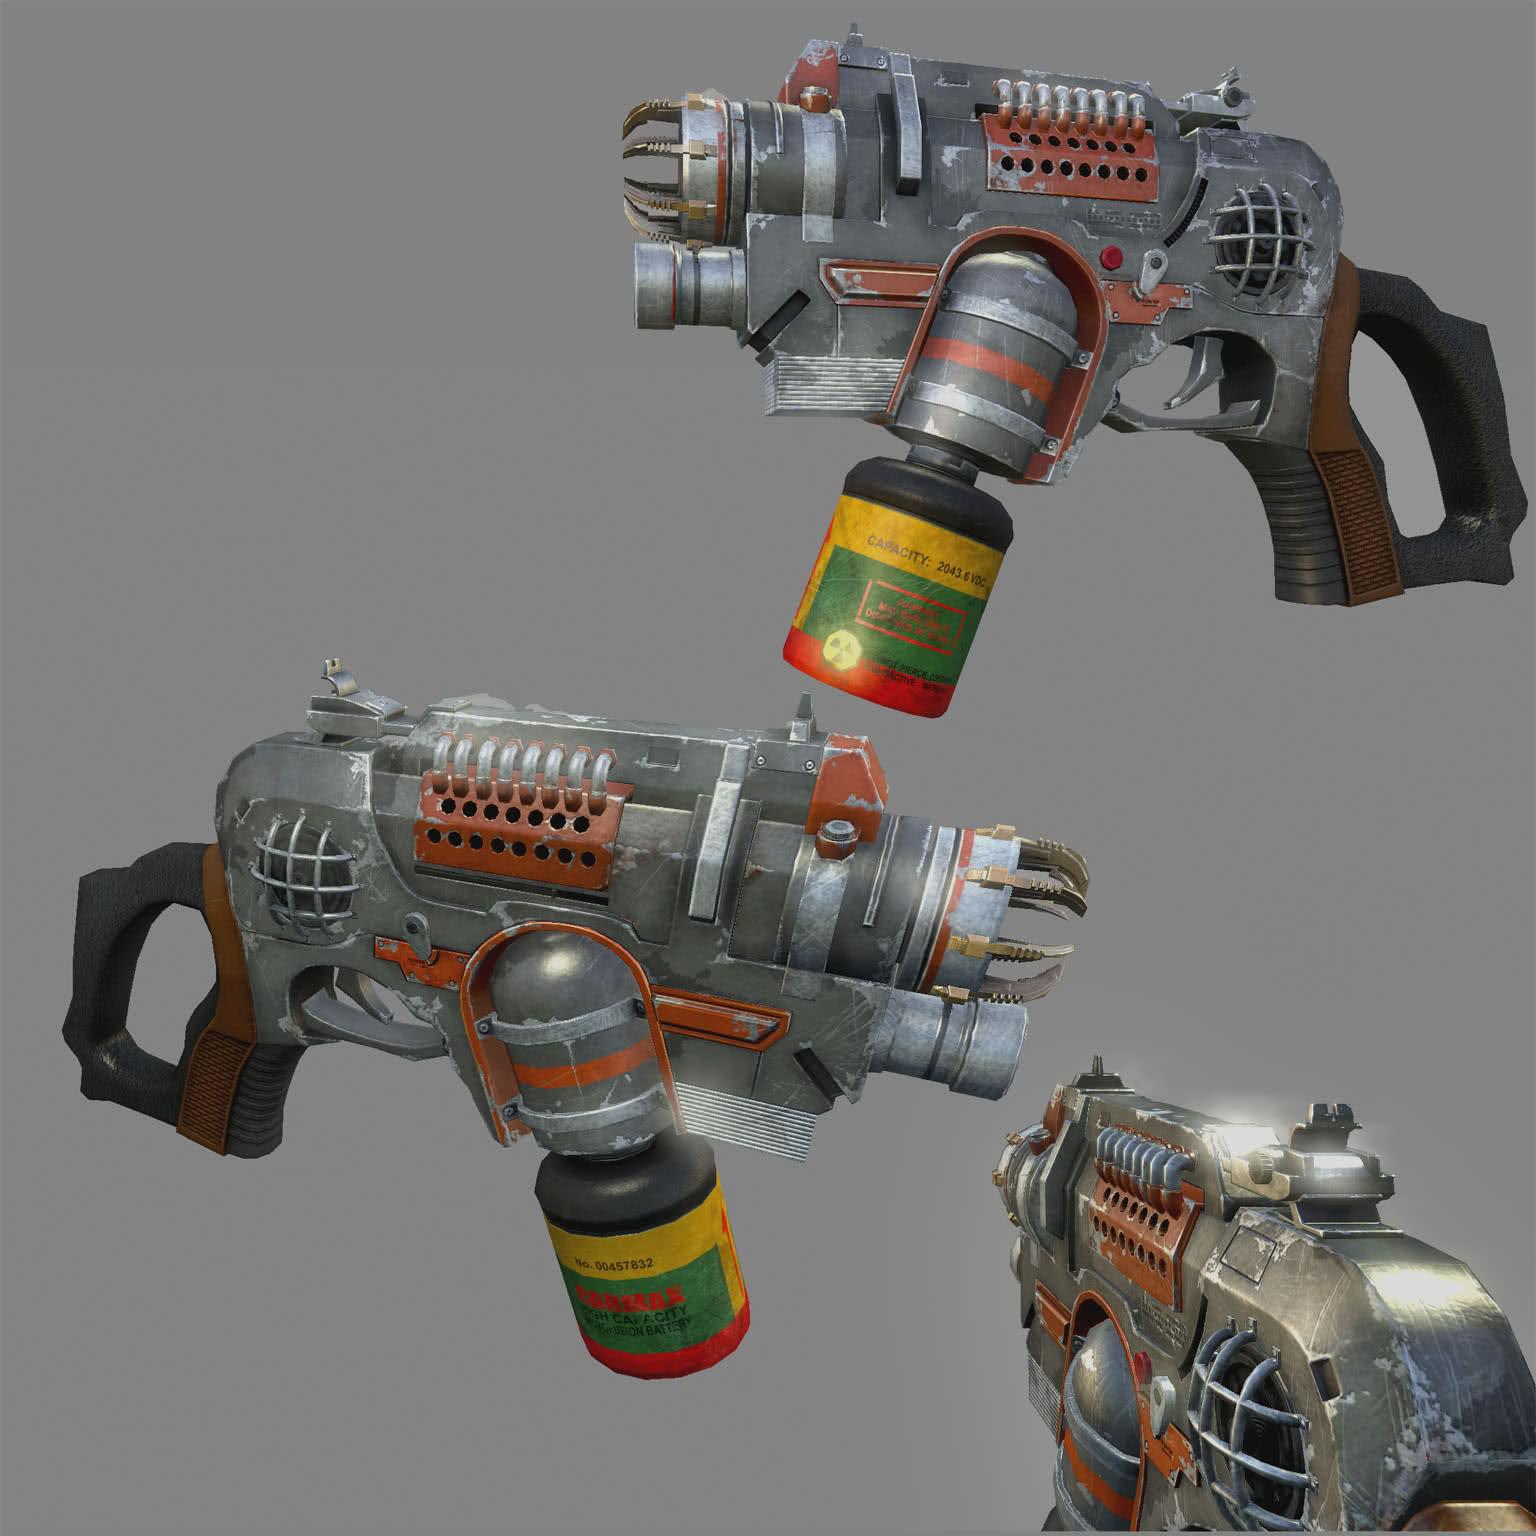 Релиз русификации неофициального дополнения для Fallout: New Vegas - Beyond Boulder Dome. - Изображение 5